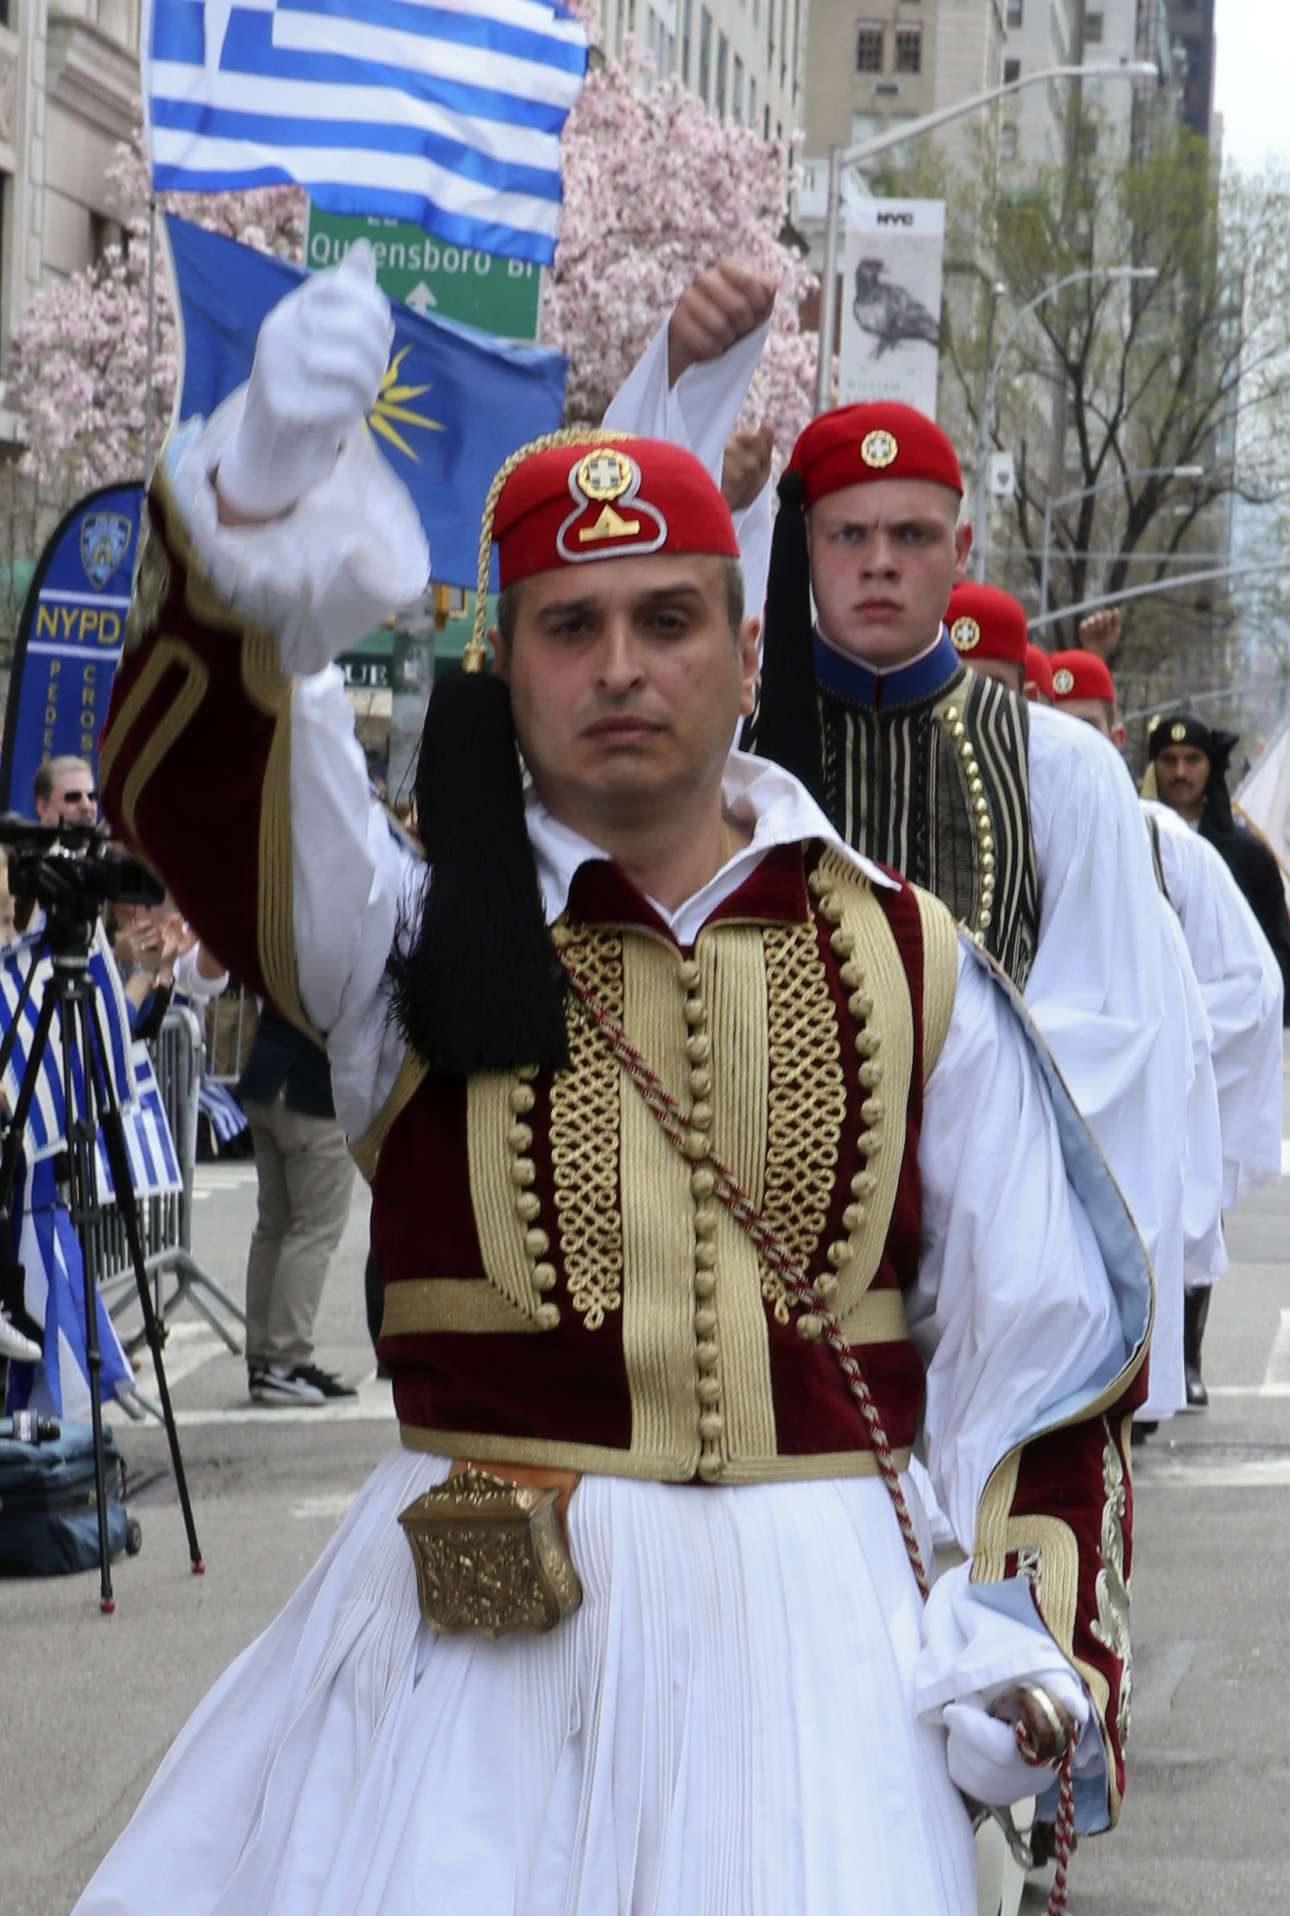 Στην παρέλαση ακούγονταν συνθήματα για την ελληνικότητα της Μακεδονίας...